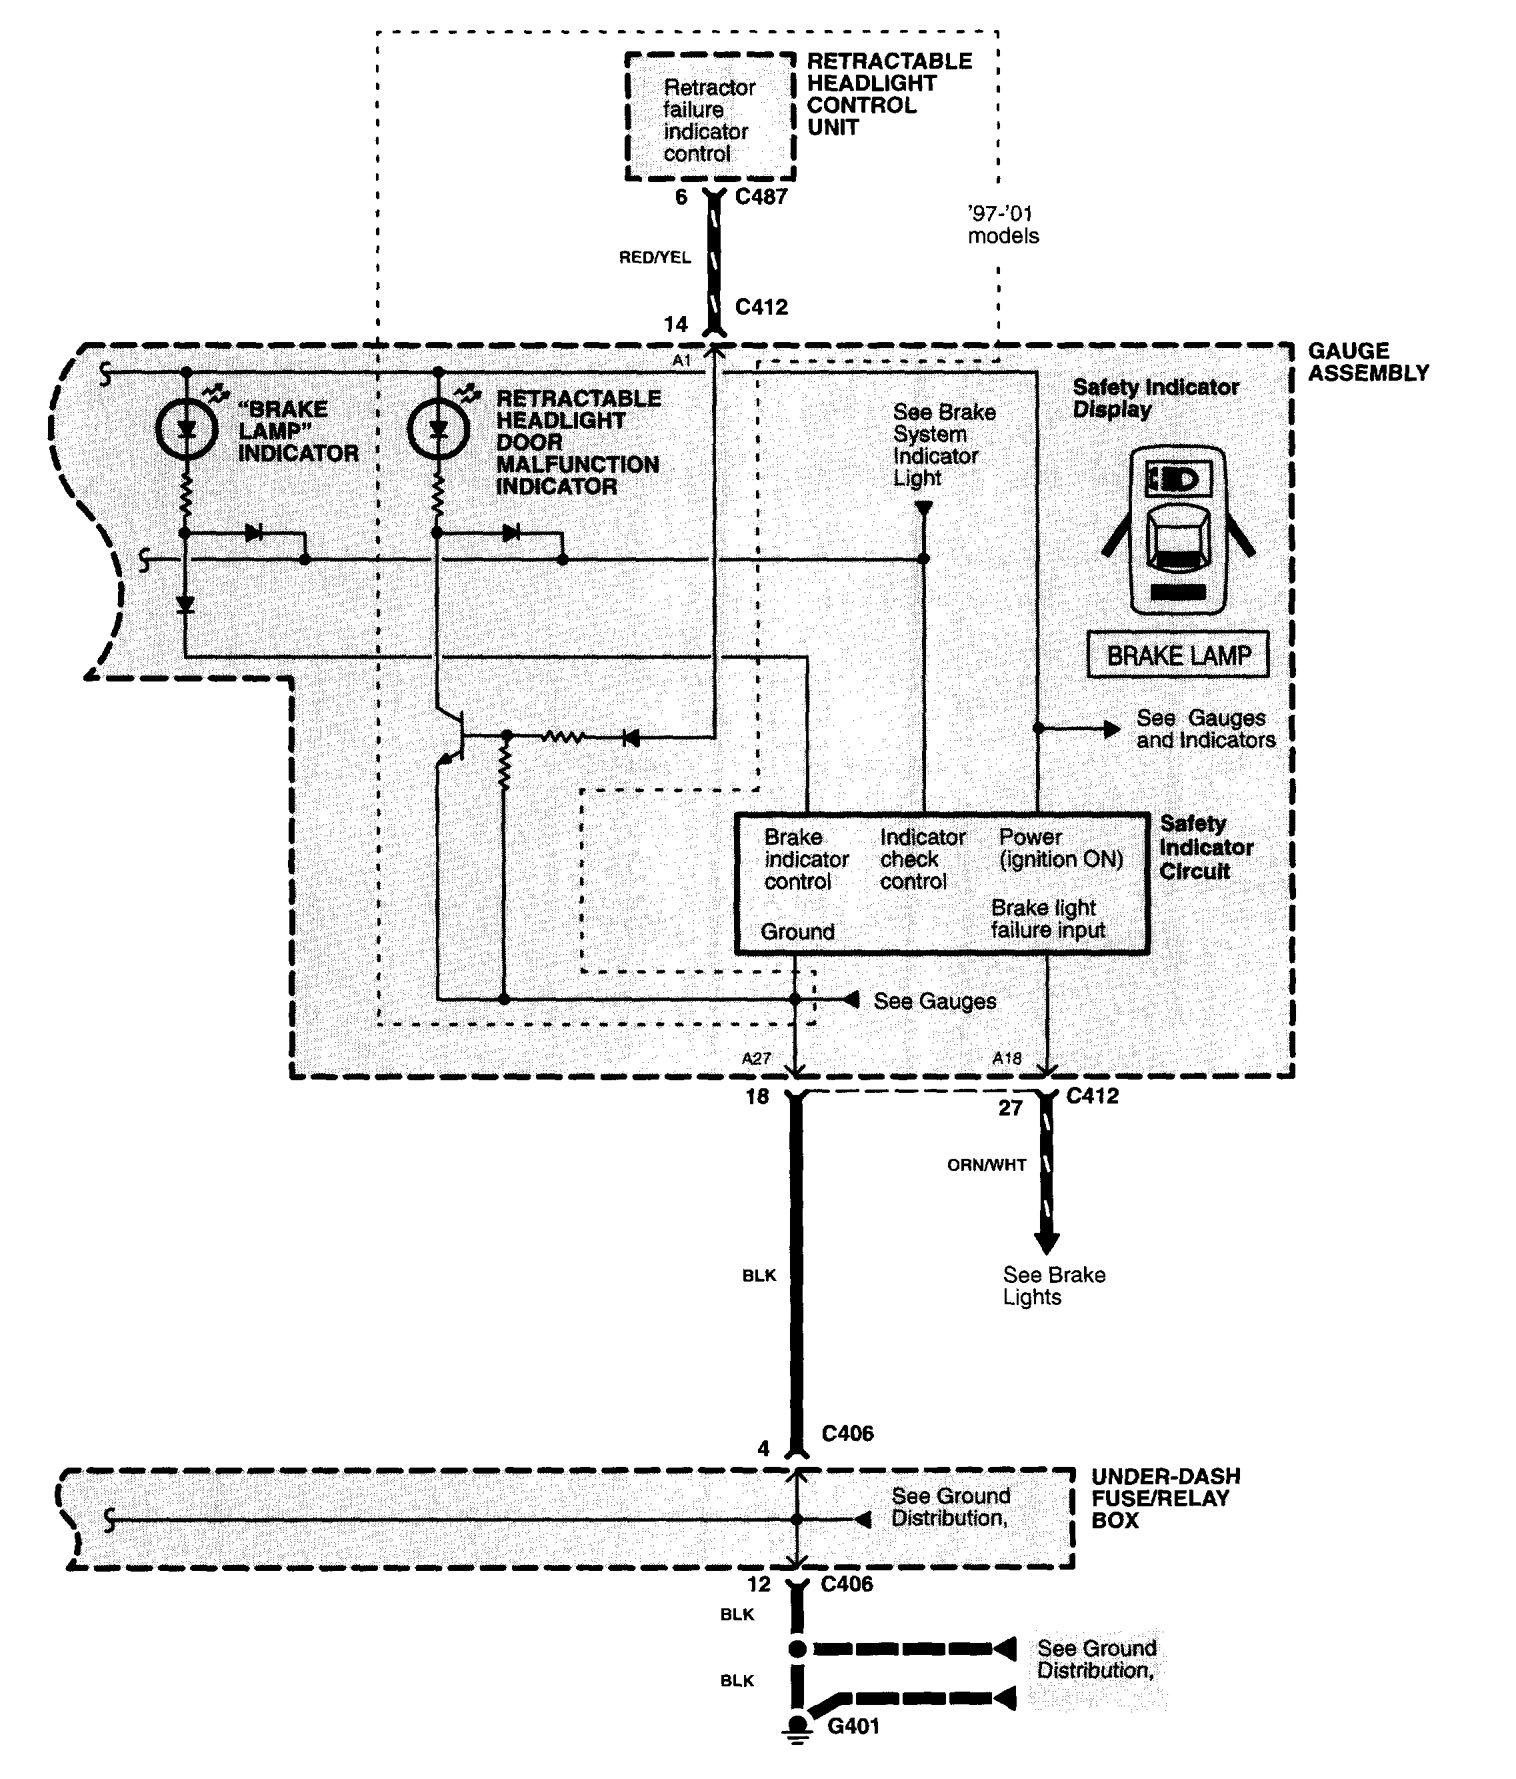 Tolle 1997 Acura Tl Schaltplan Galerie - Schaltplan Serie Circuit ...